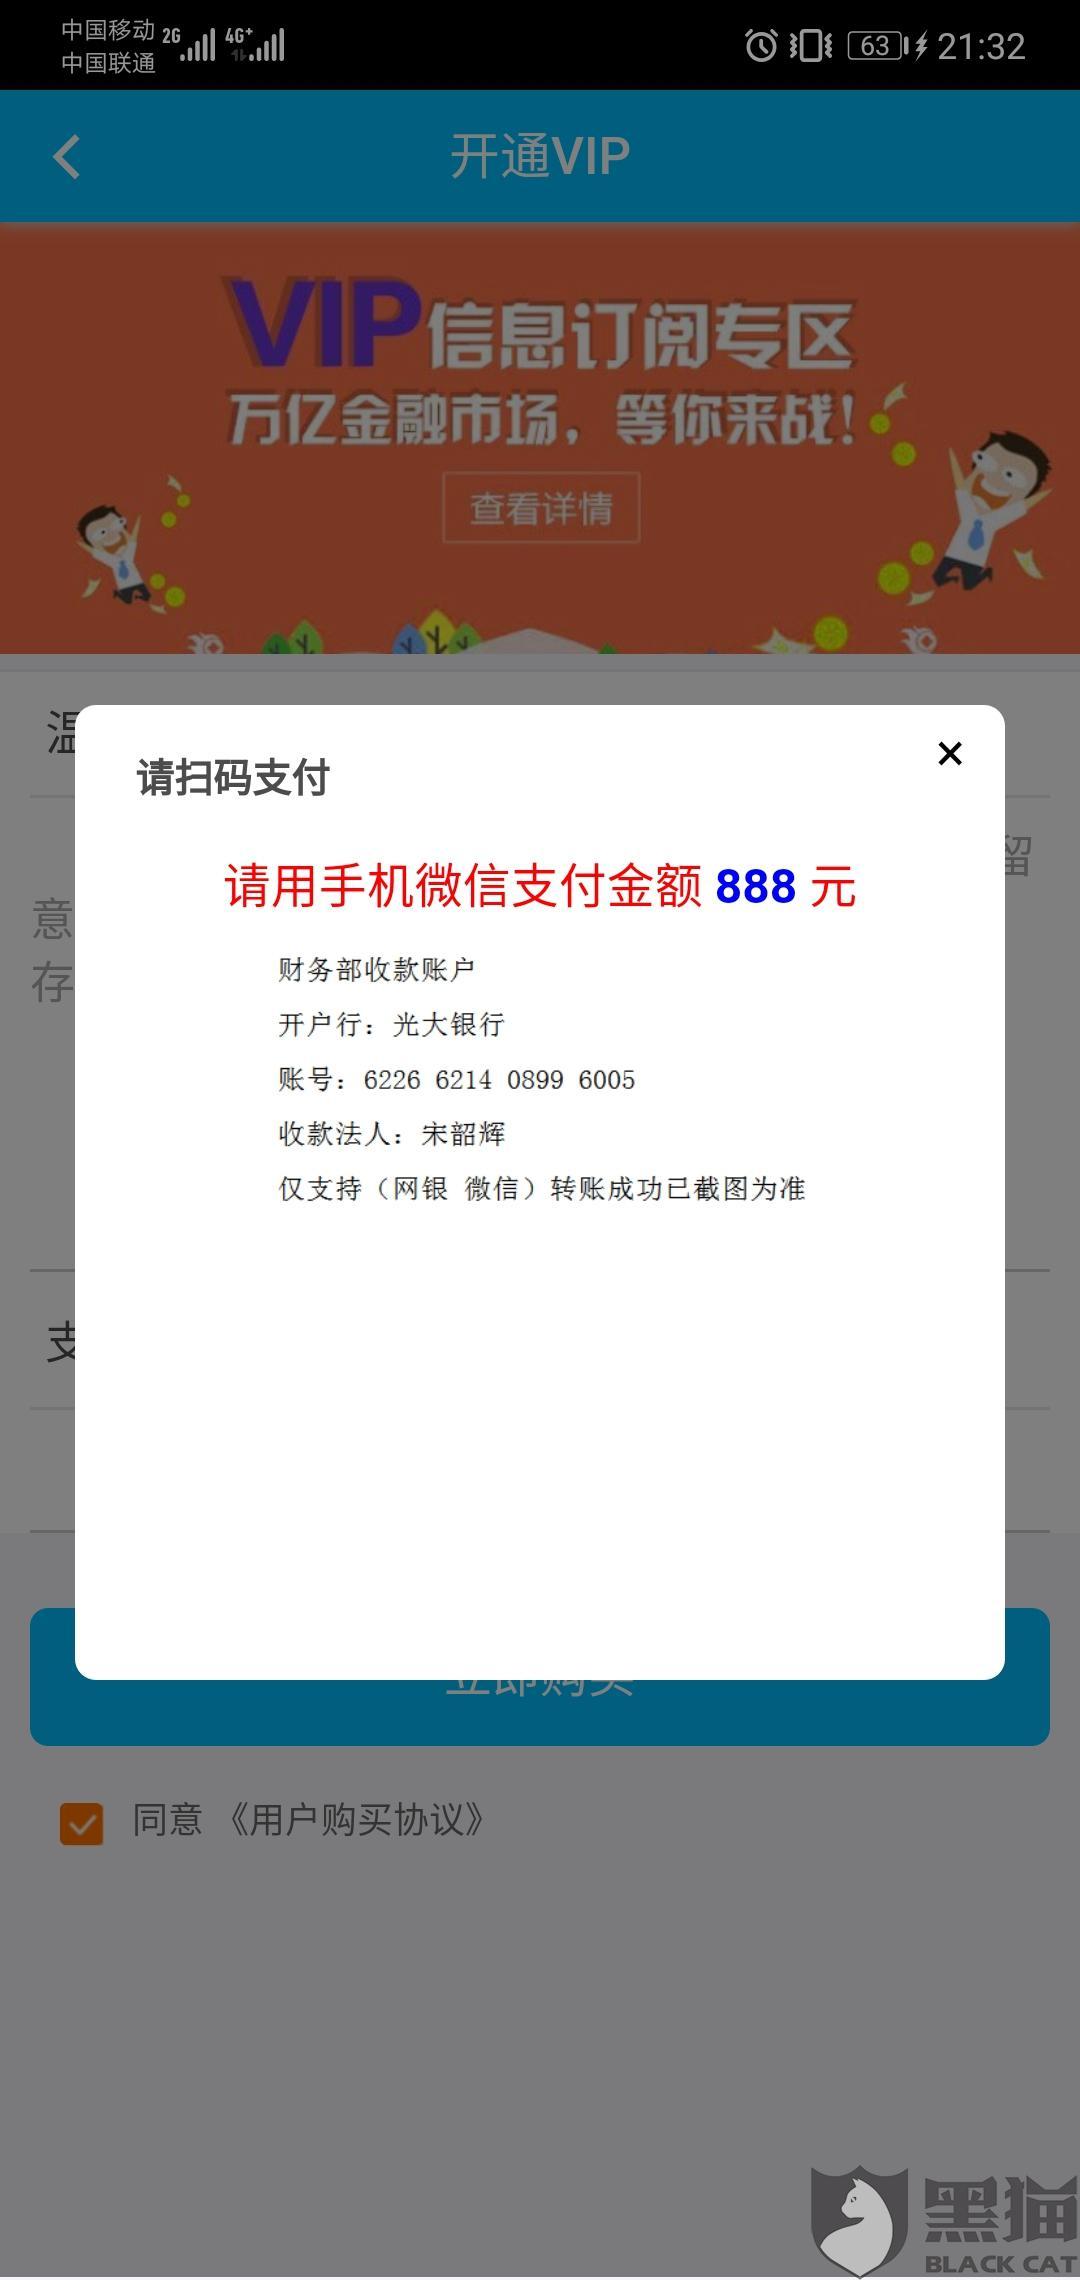 黑猫投诉:前海锐步商业保理(深圳)有限公司